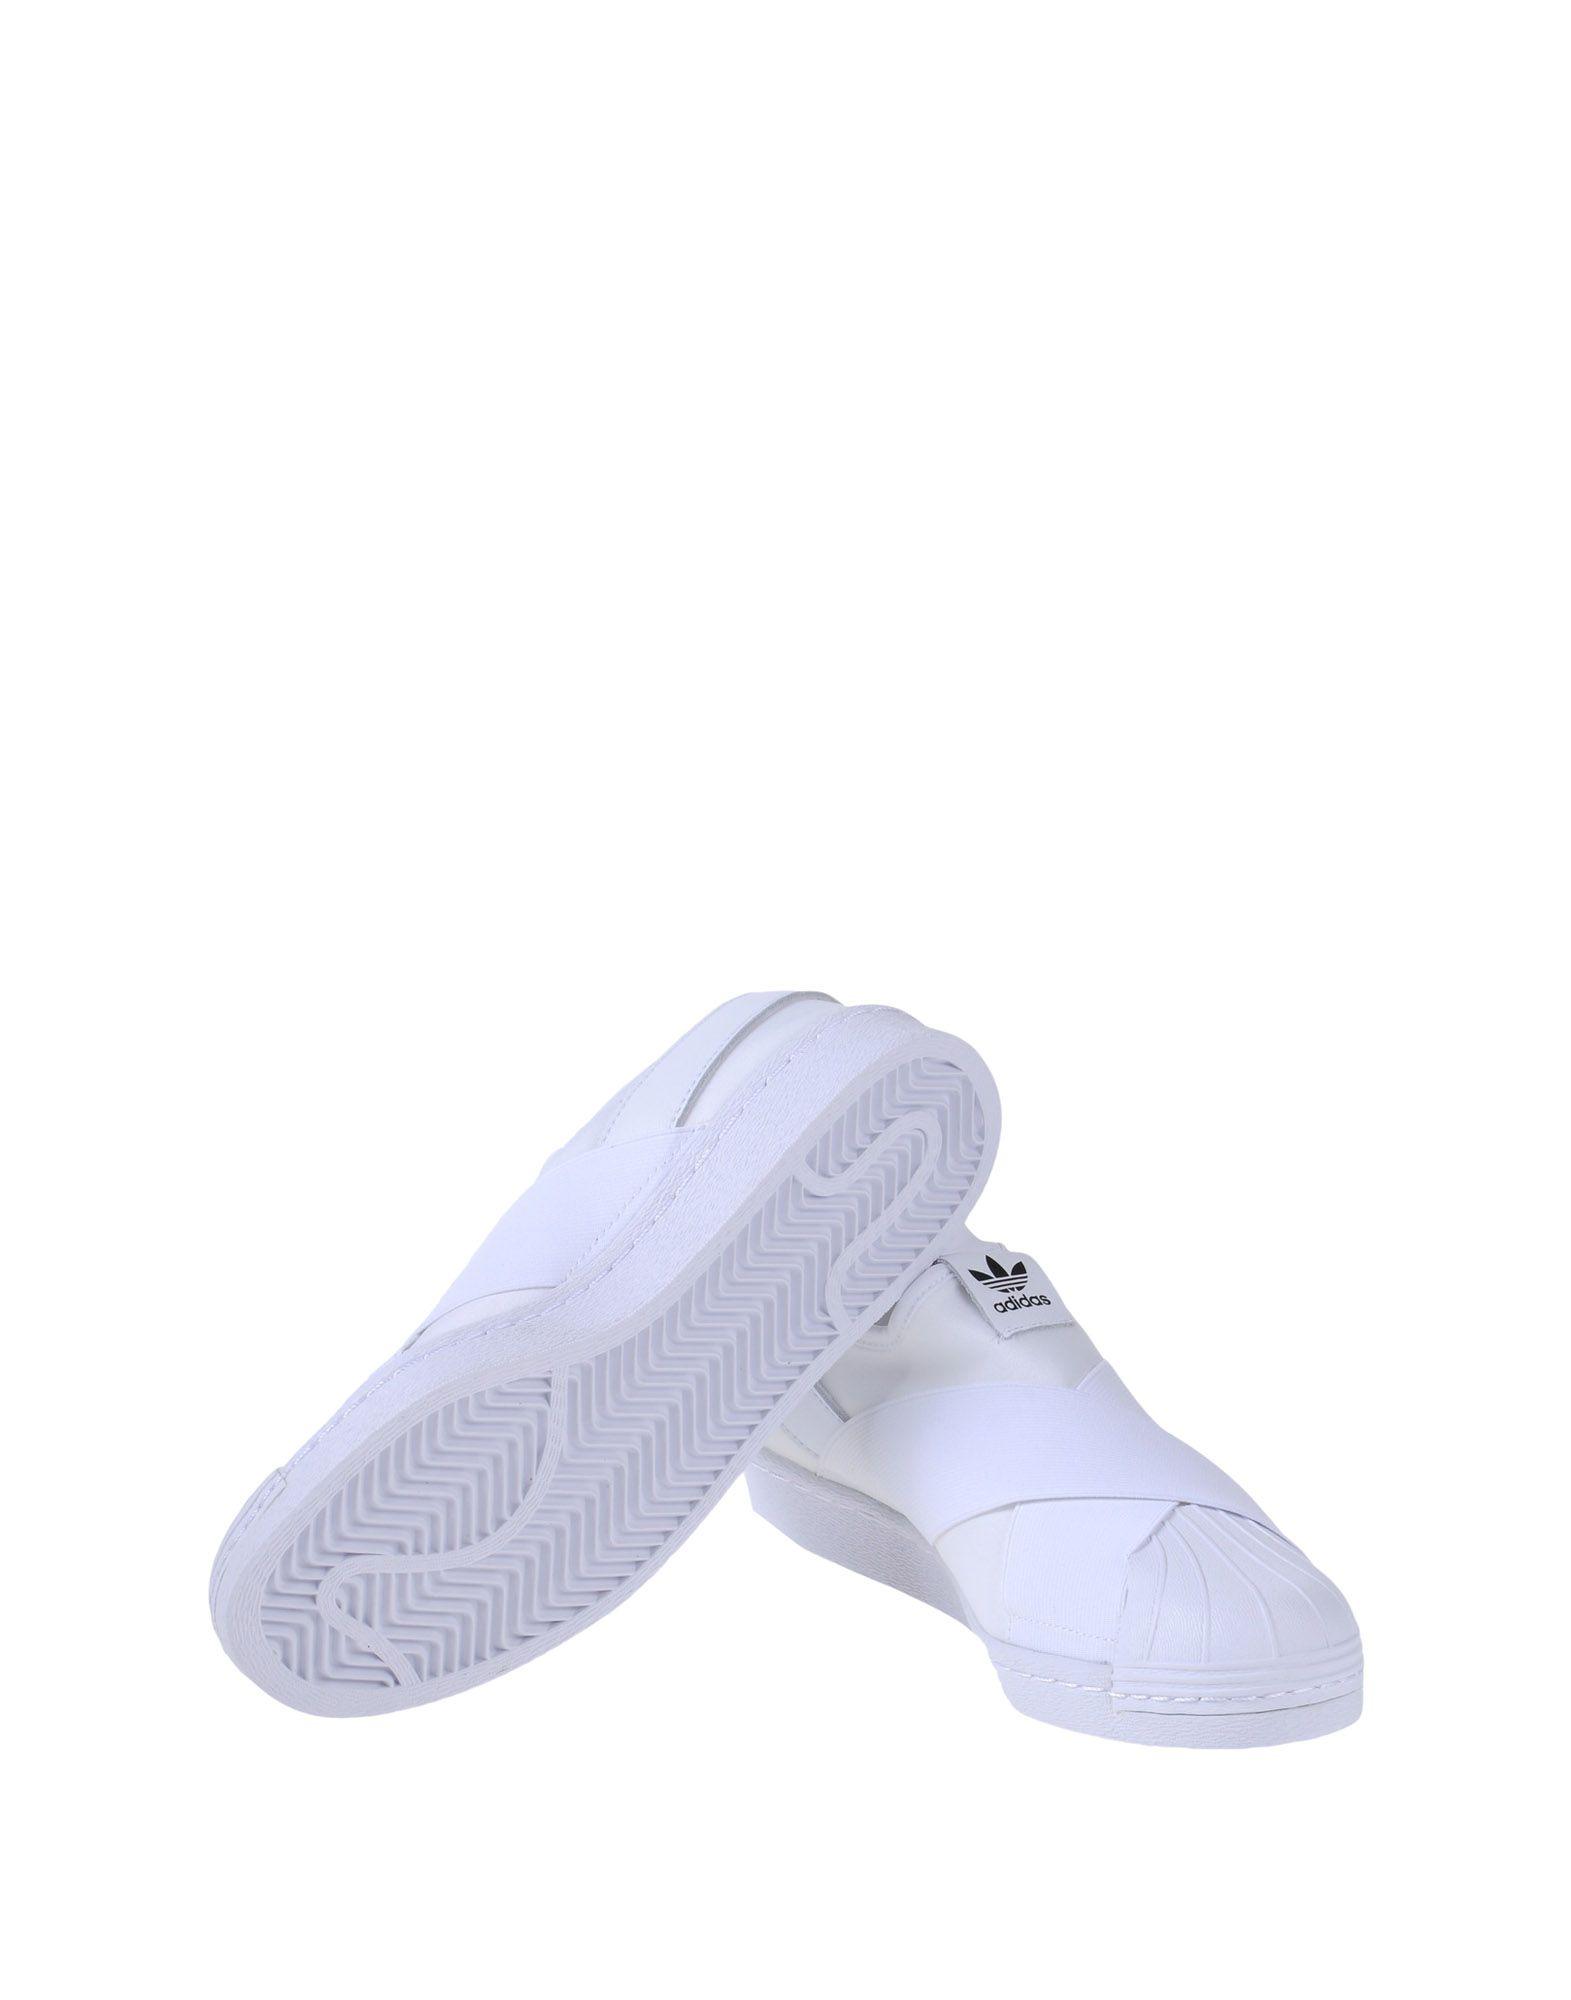 Adidas Originals Superstar 11014077QS Slip On W  11014077QS Superstar Gute Qualität beliebte Schuhe 2baf00